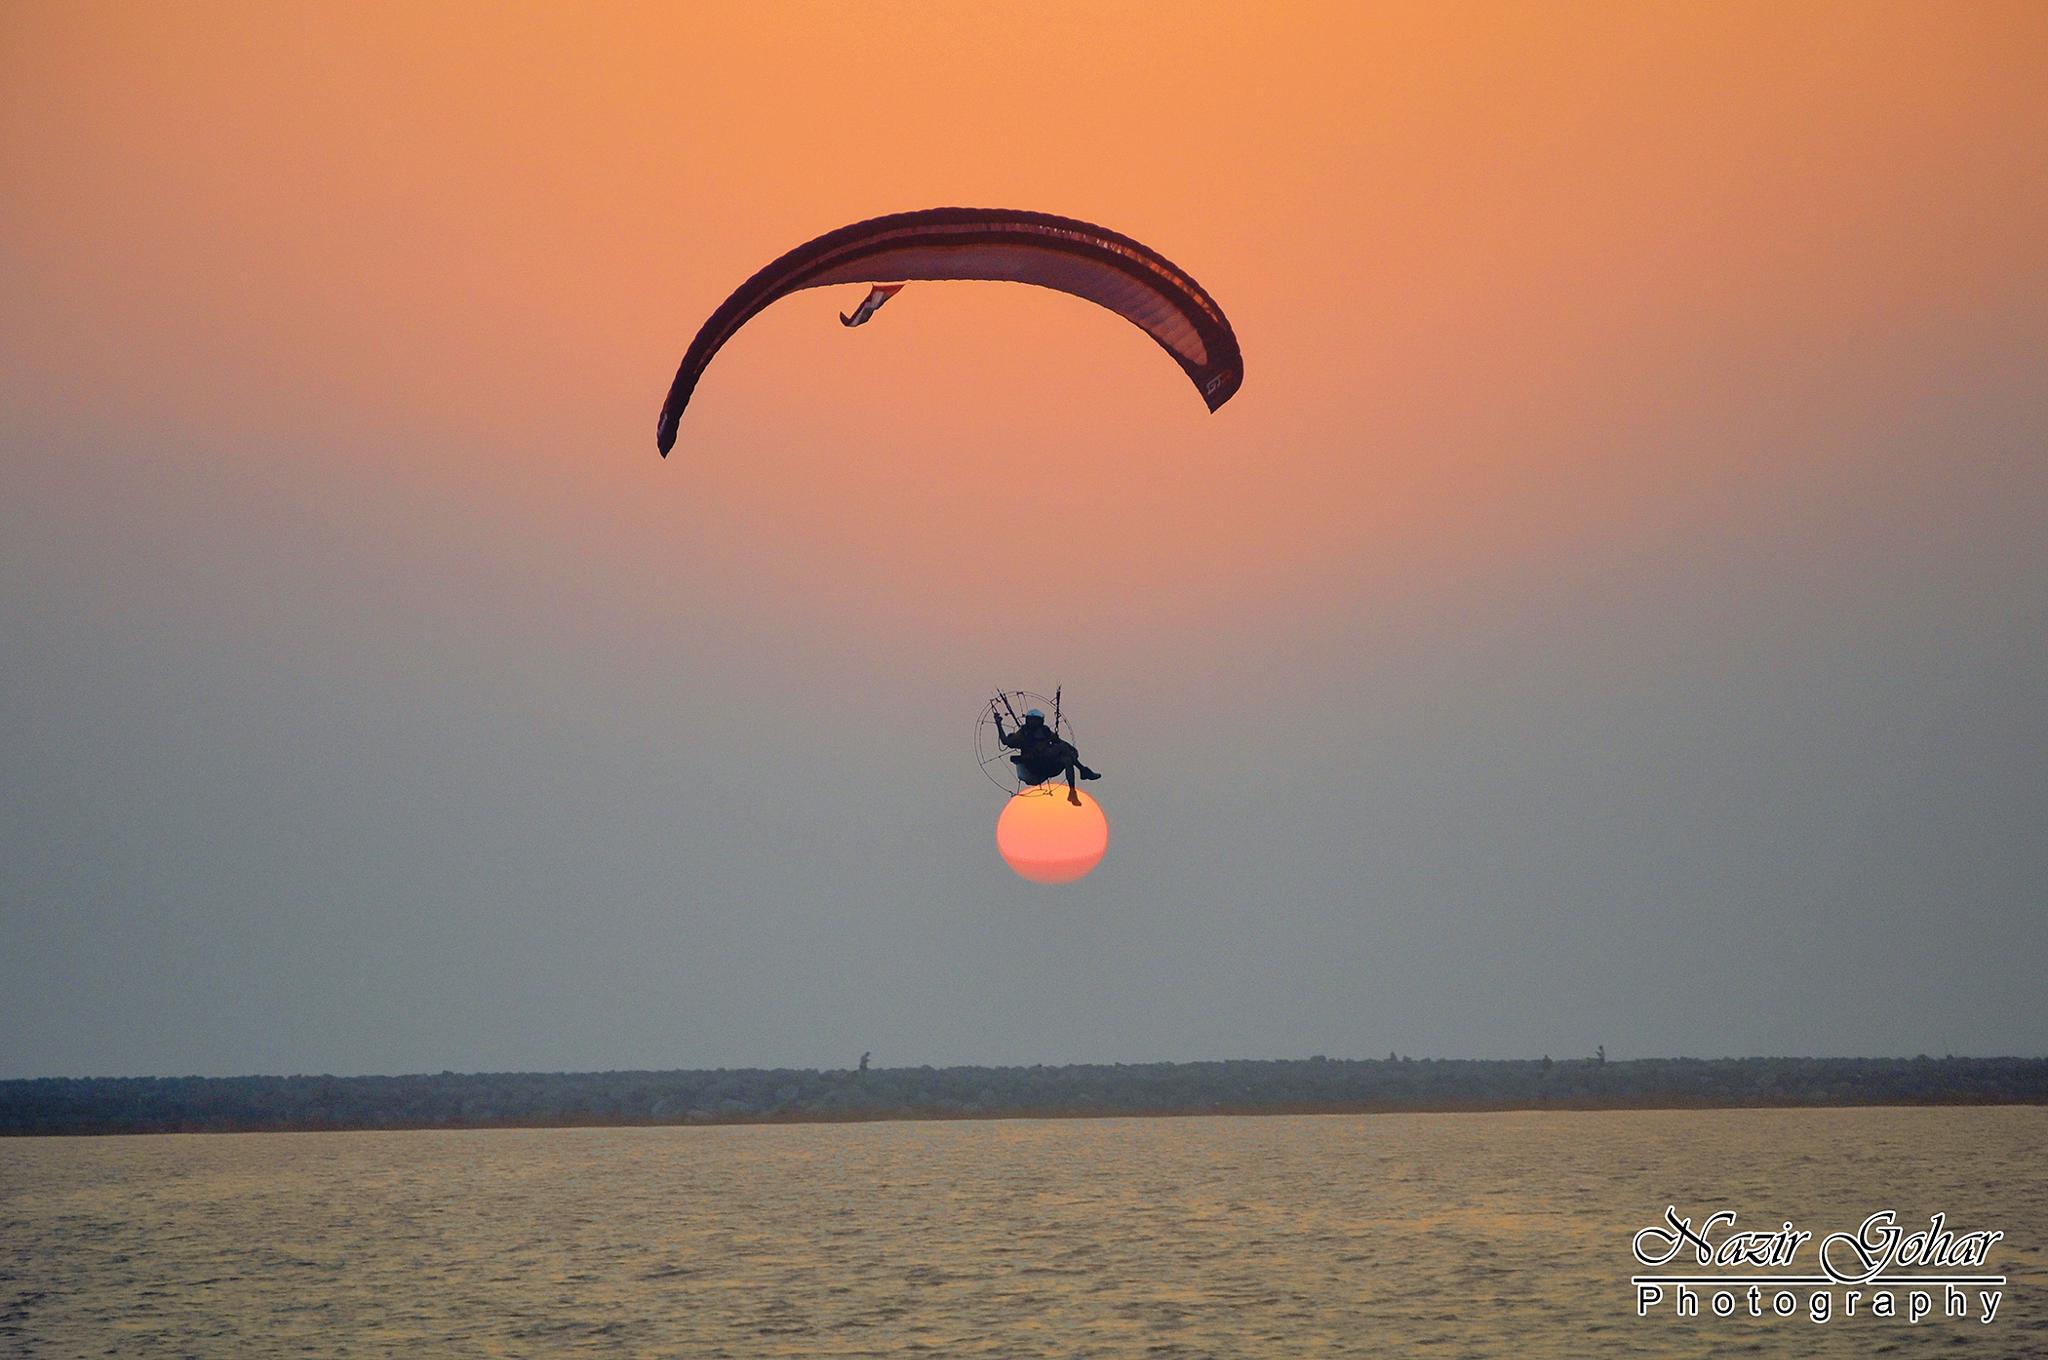 Fly Into The Sun by Nazir Gohar